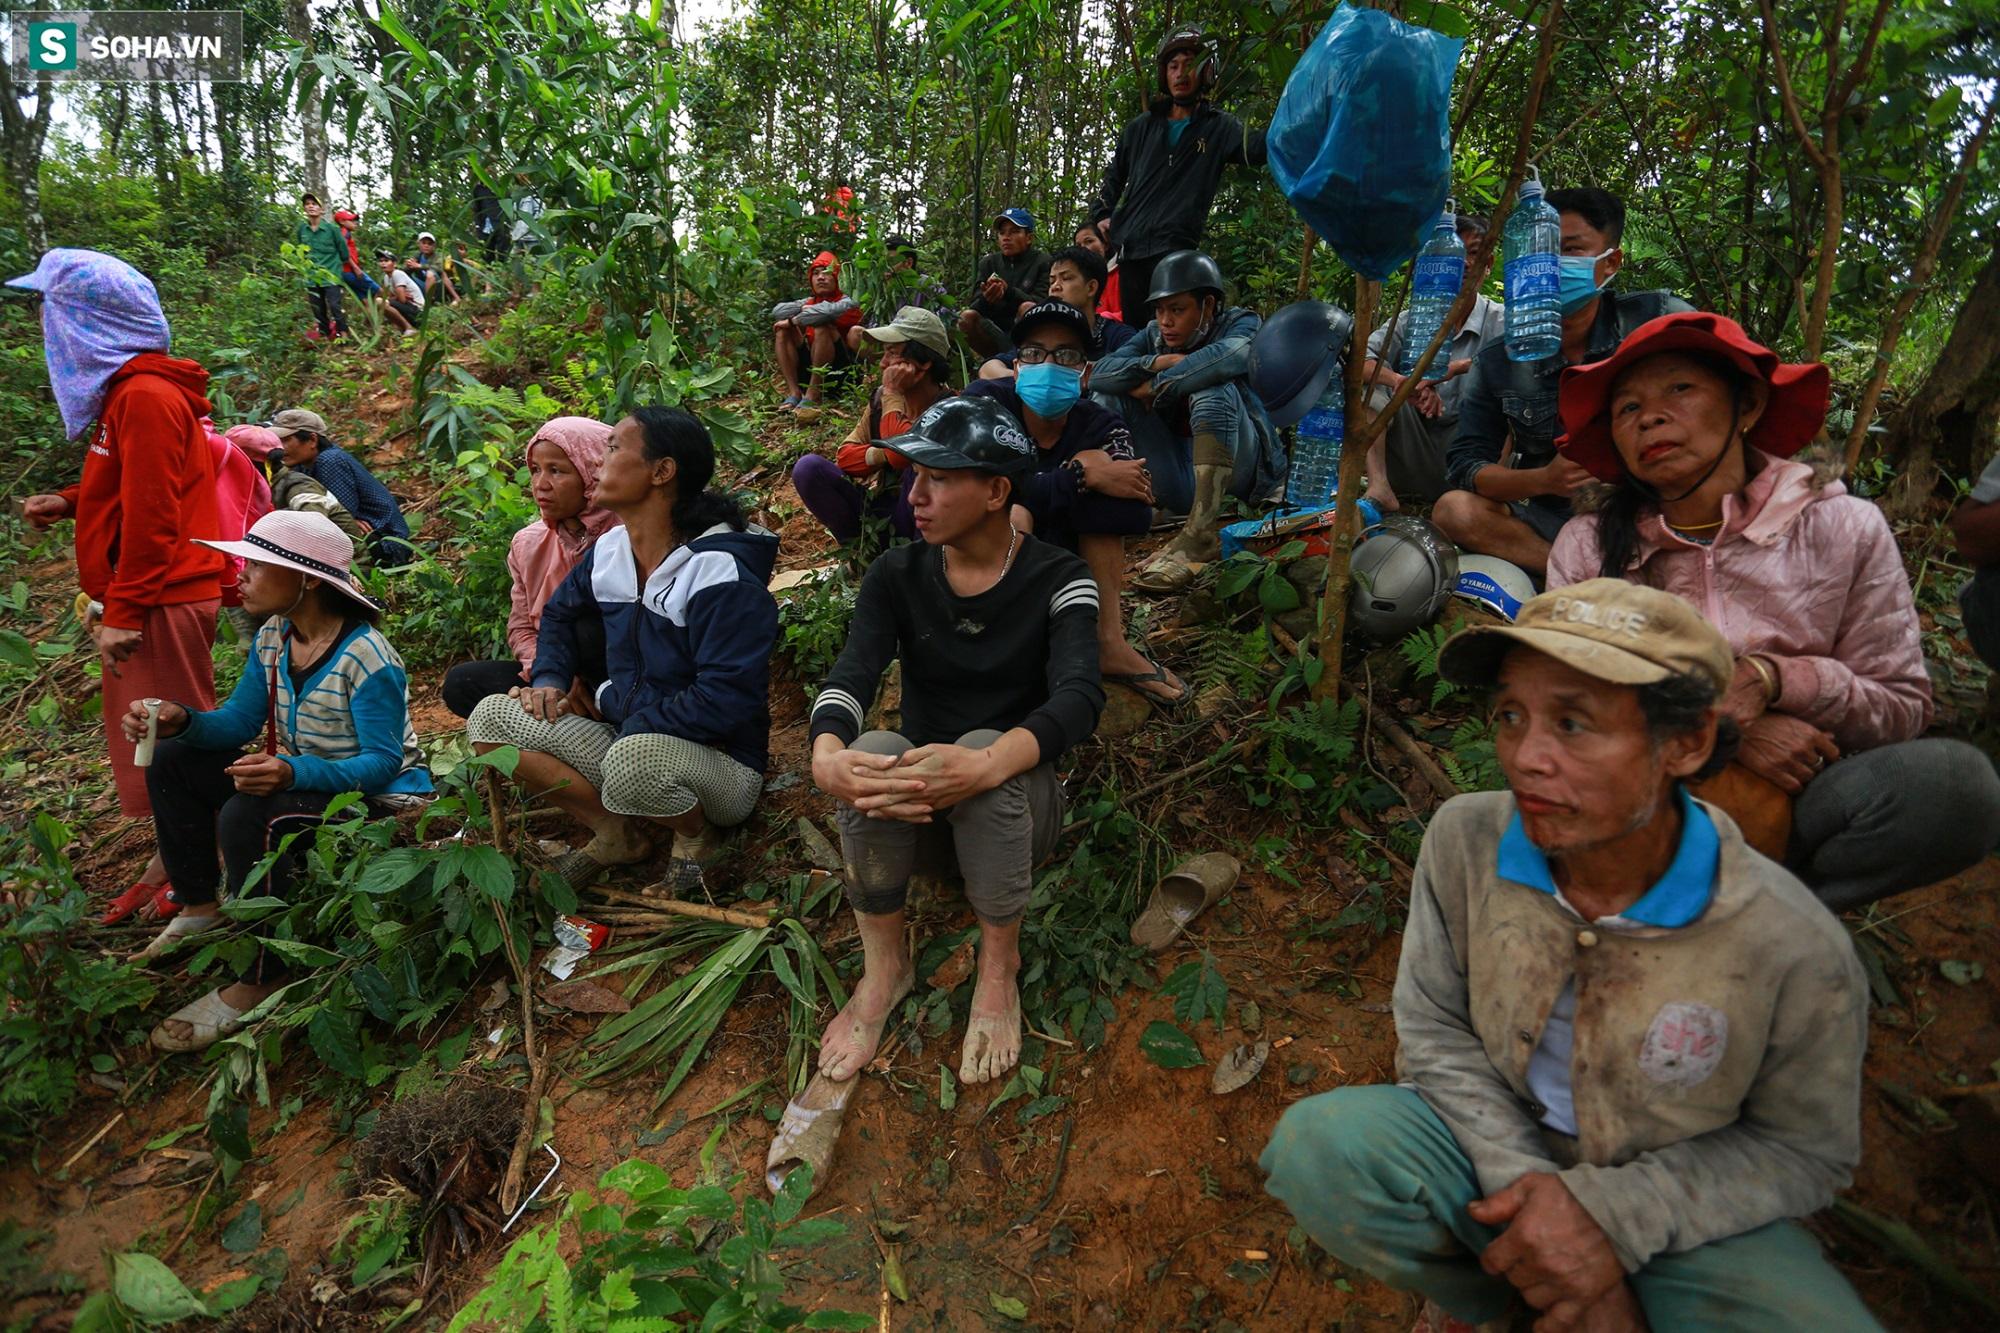 [Ảnh] Dân làng khóc nghẹn khi tìm thấy bé trai 10 tháng tuổi dưới lớp bùn đất vụ sạt lở ở Trà Leng - Ảnh 11